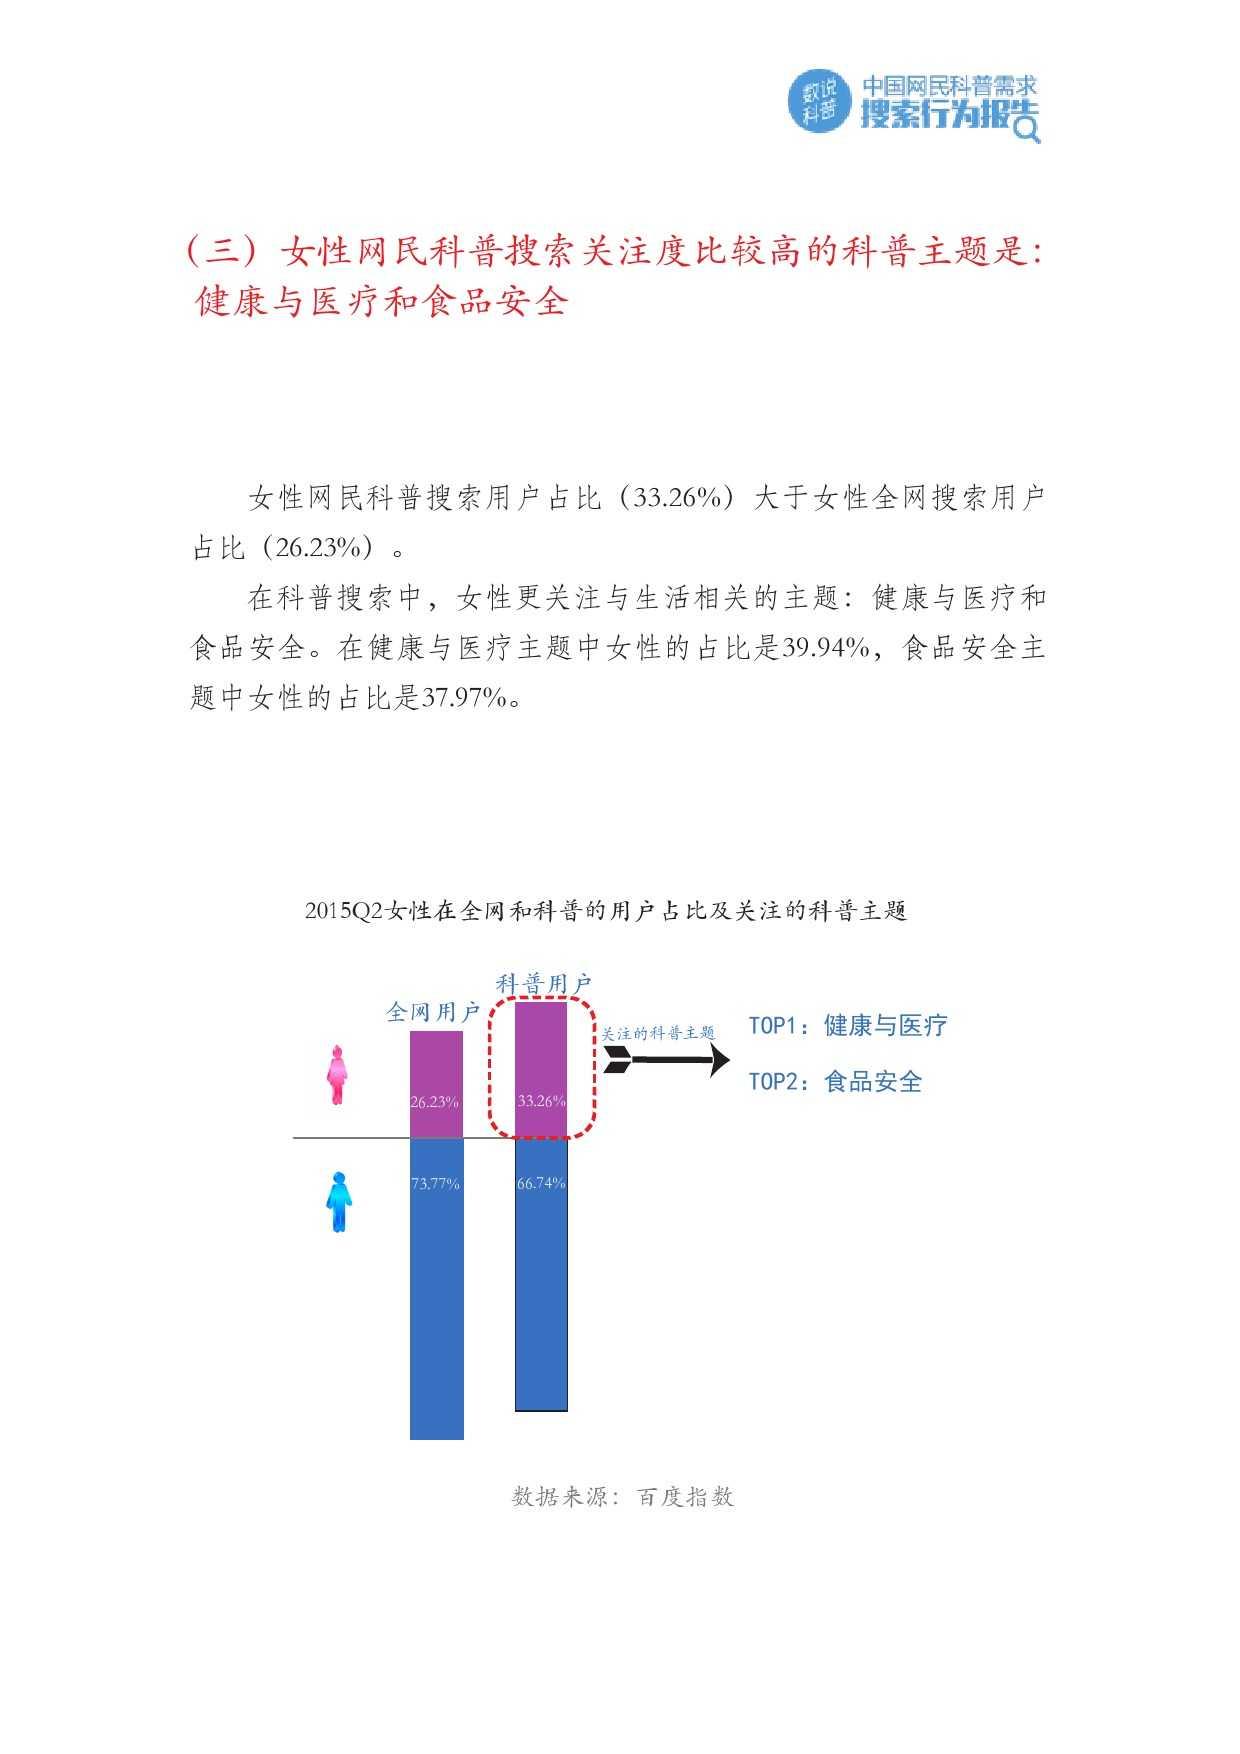 百度:2015年Q2中国网民科普需求搜索行为报告_000007